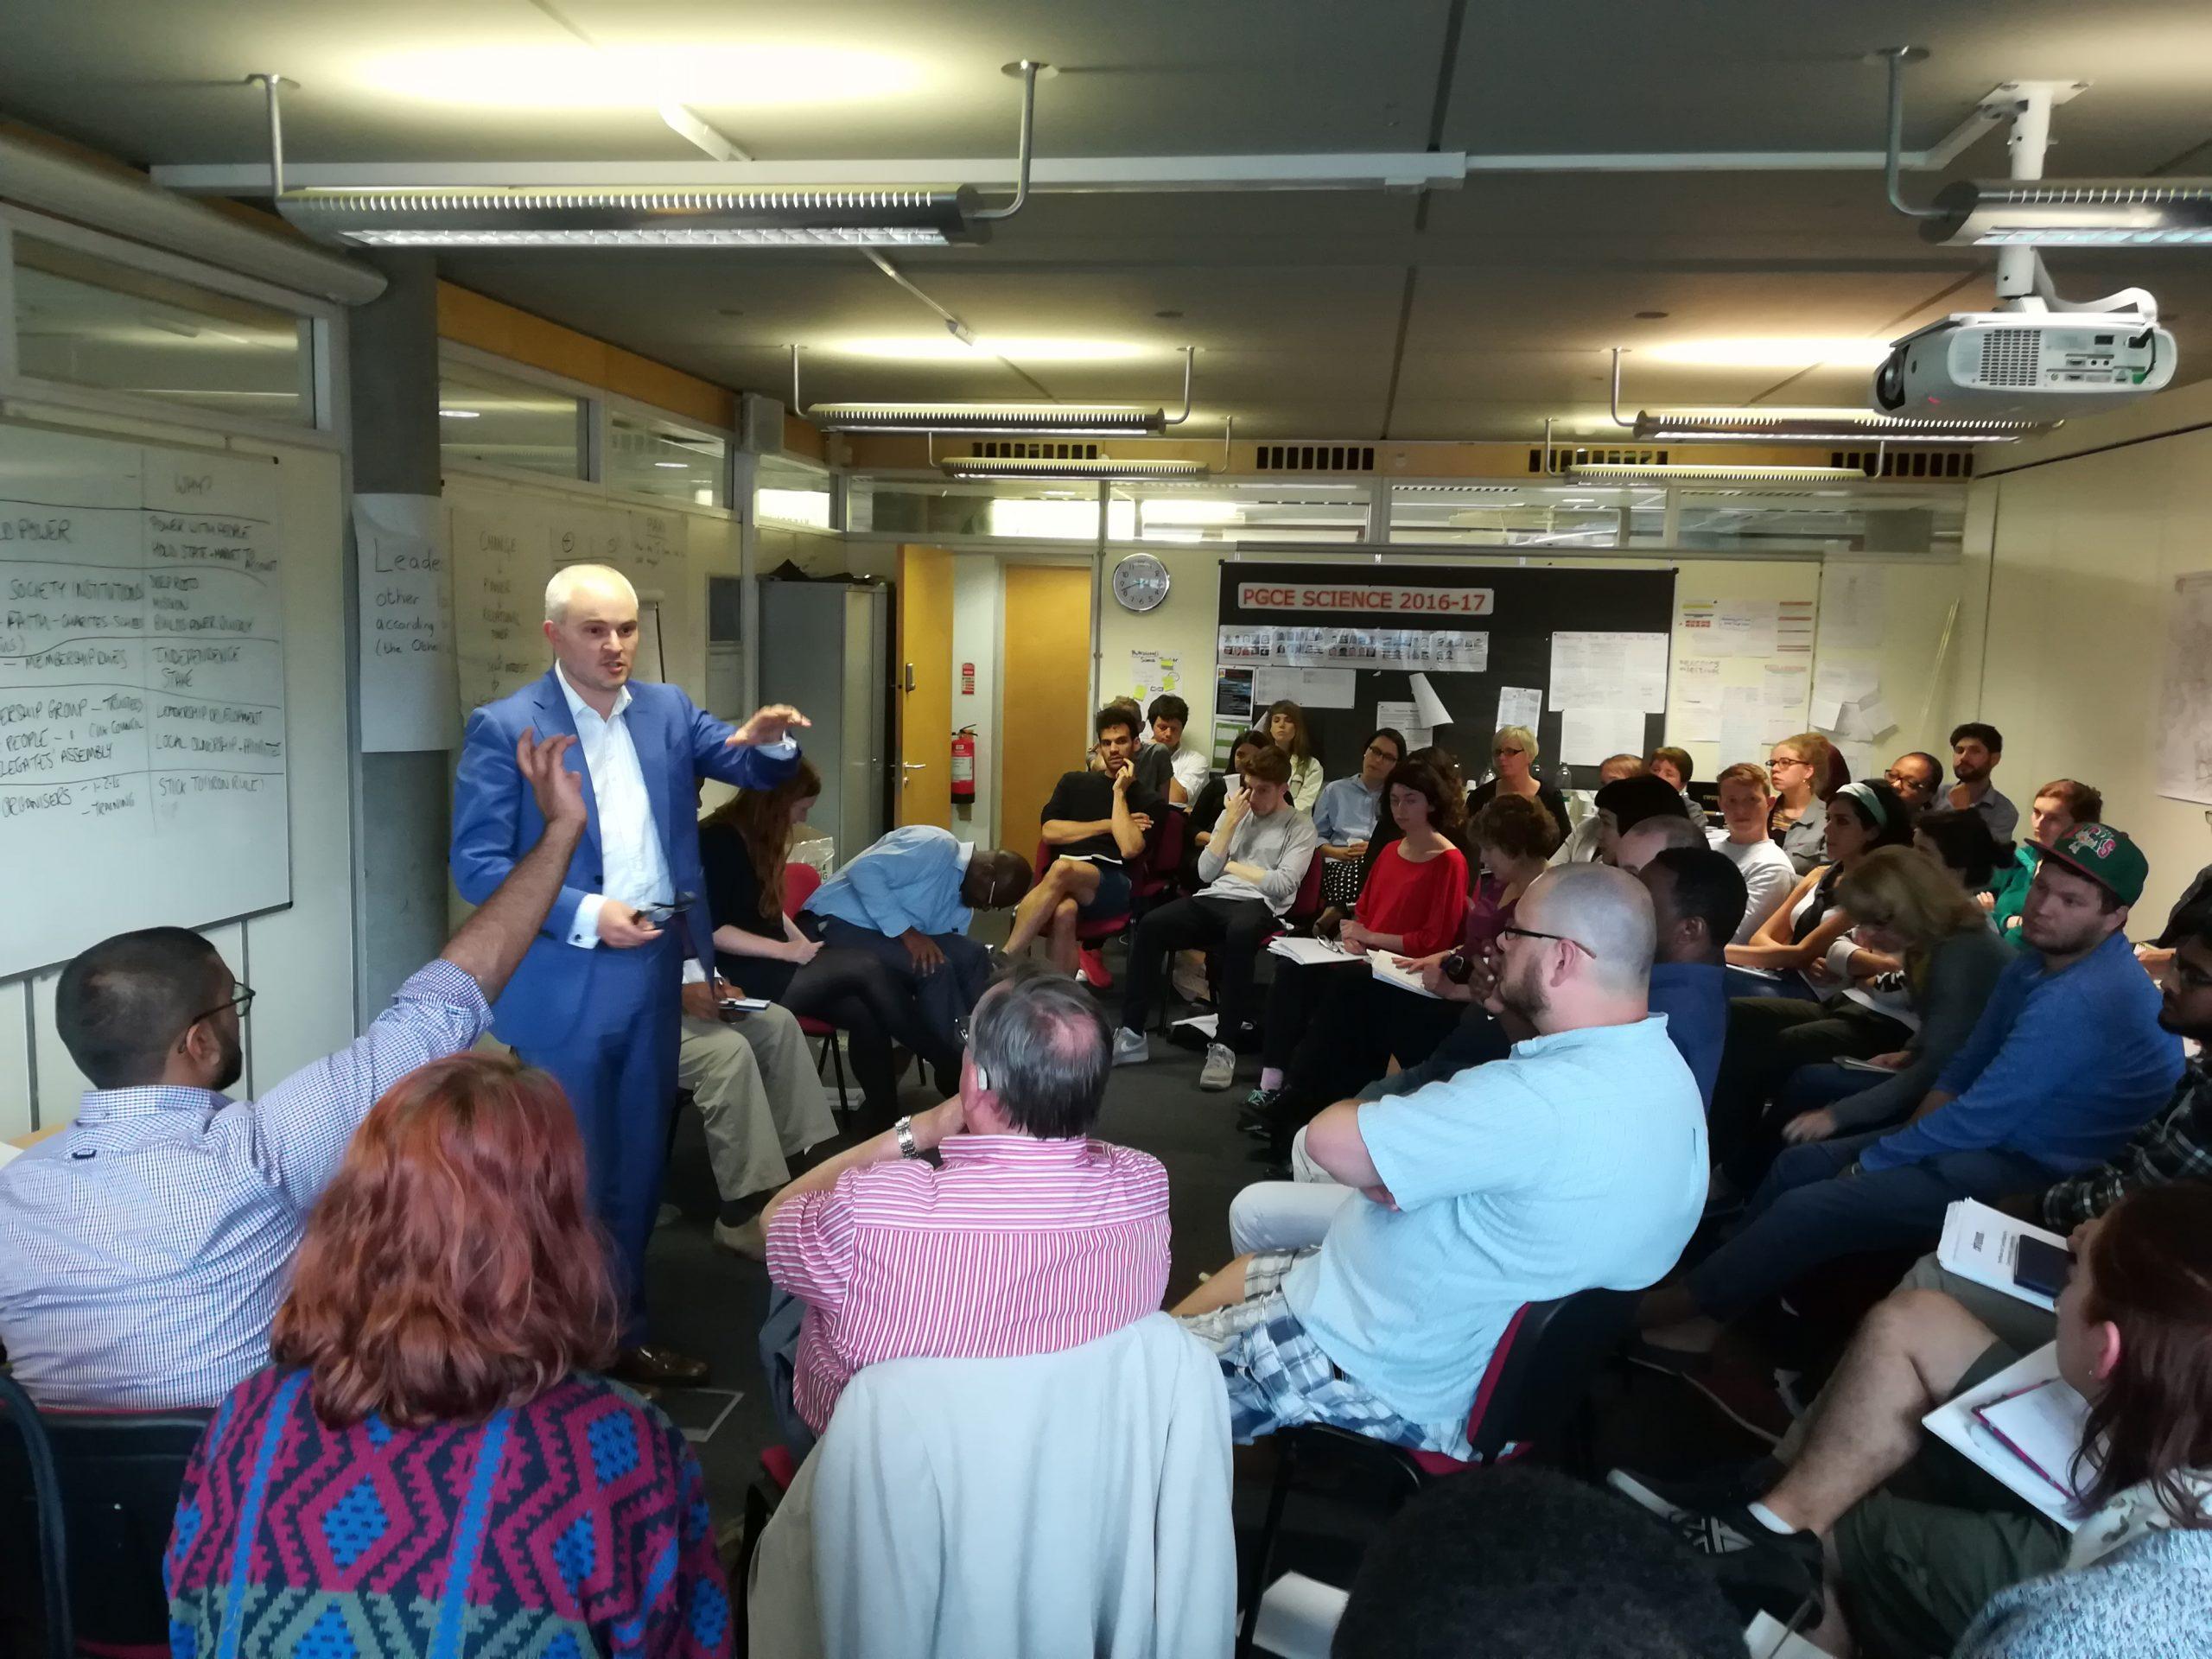 Community Organizer unterstützt Schlüsselpersonen der Zivilgesellschaft bei der Planung von Aktionen